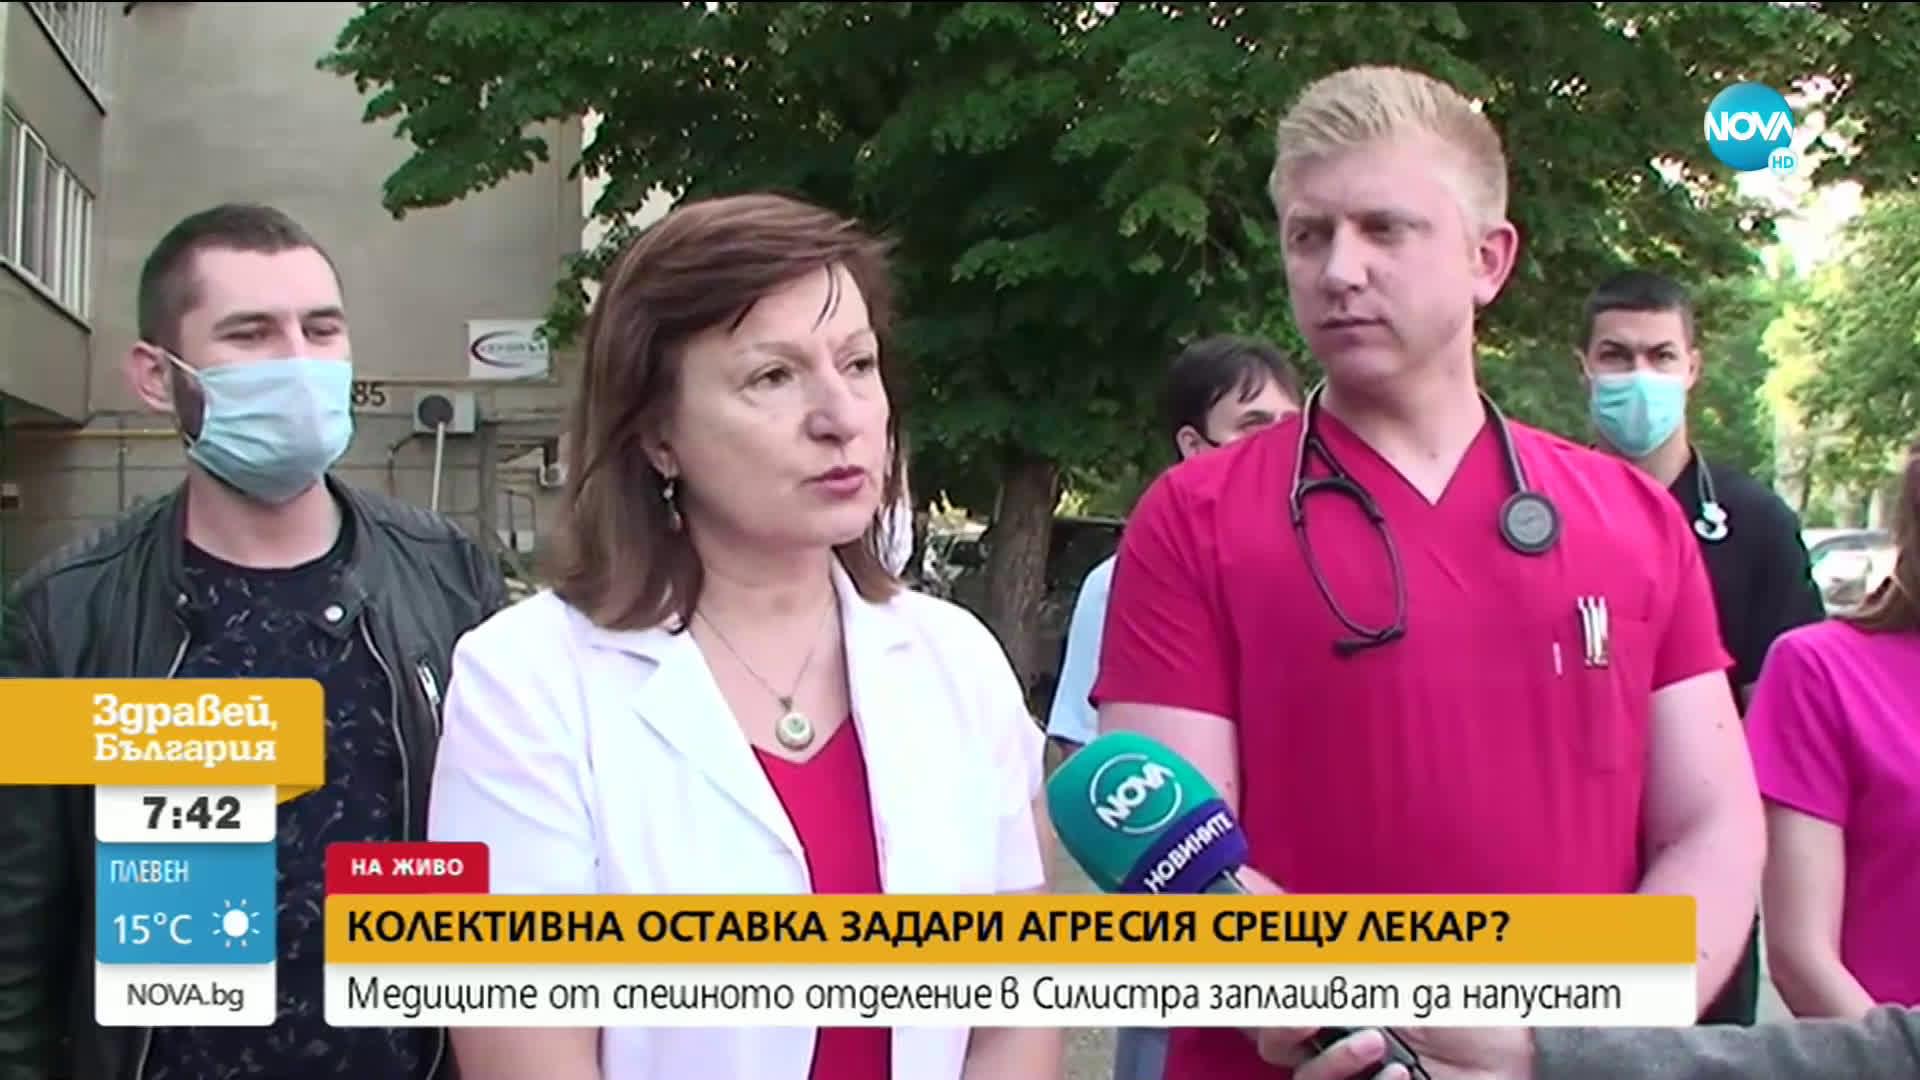 ЗАРАДИ АГРЕСИЯ СРЕЩУ ЛЕКАР: Медици от Спешното отделение в Силистра заплашват да напуснат